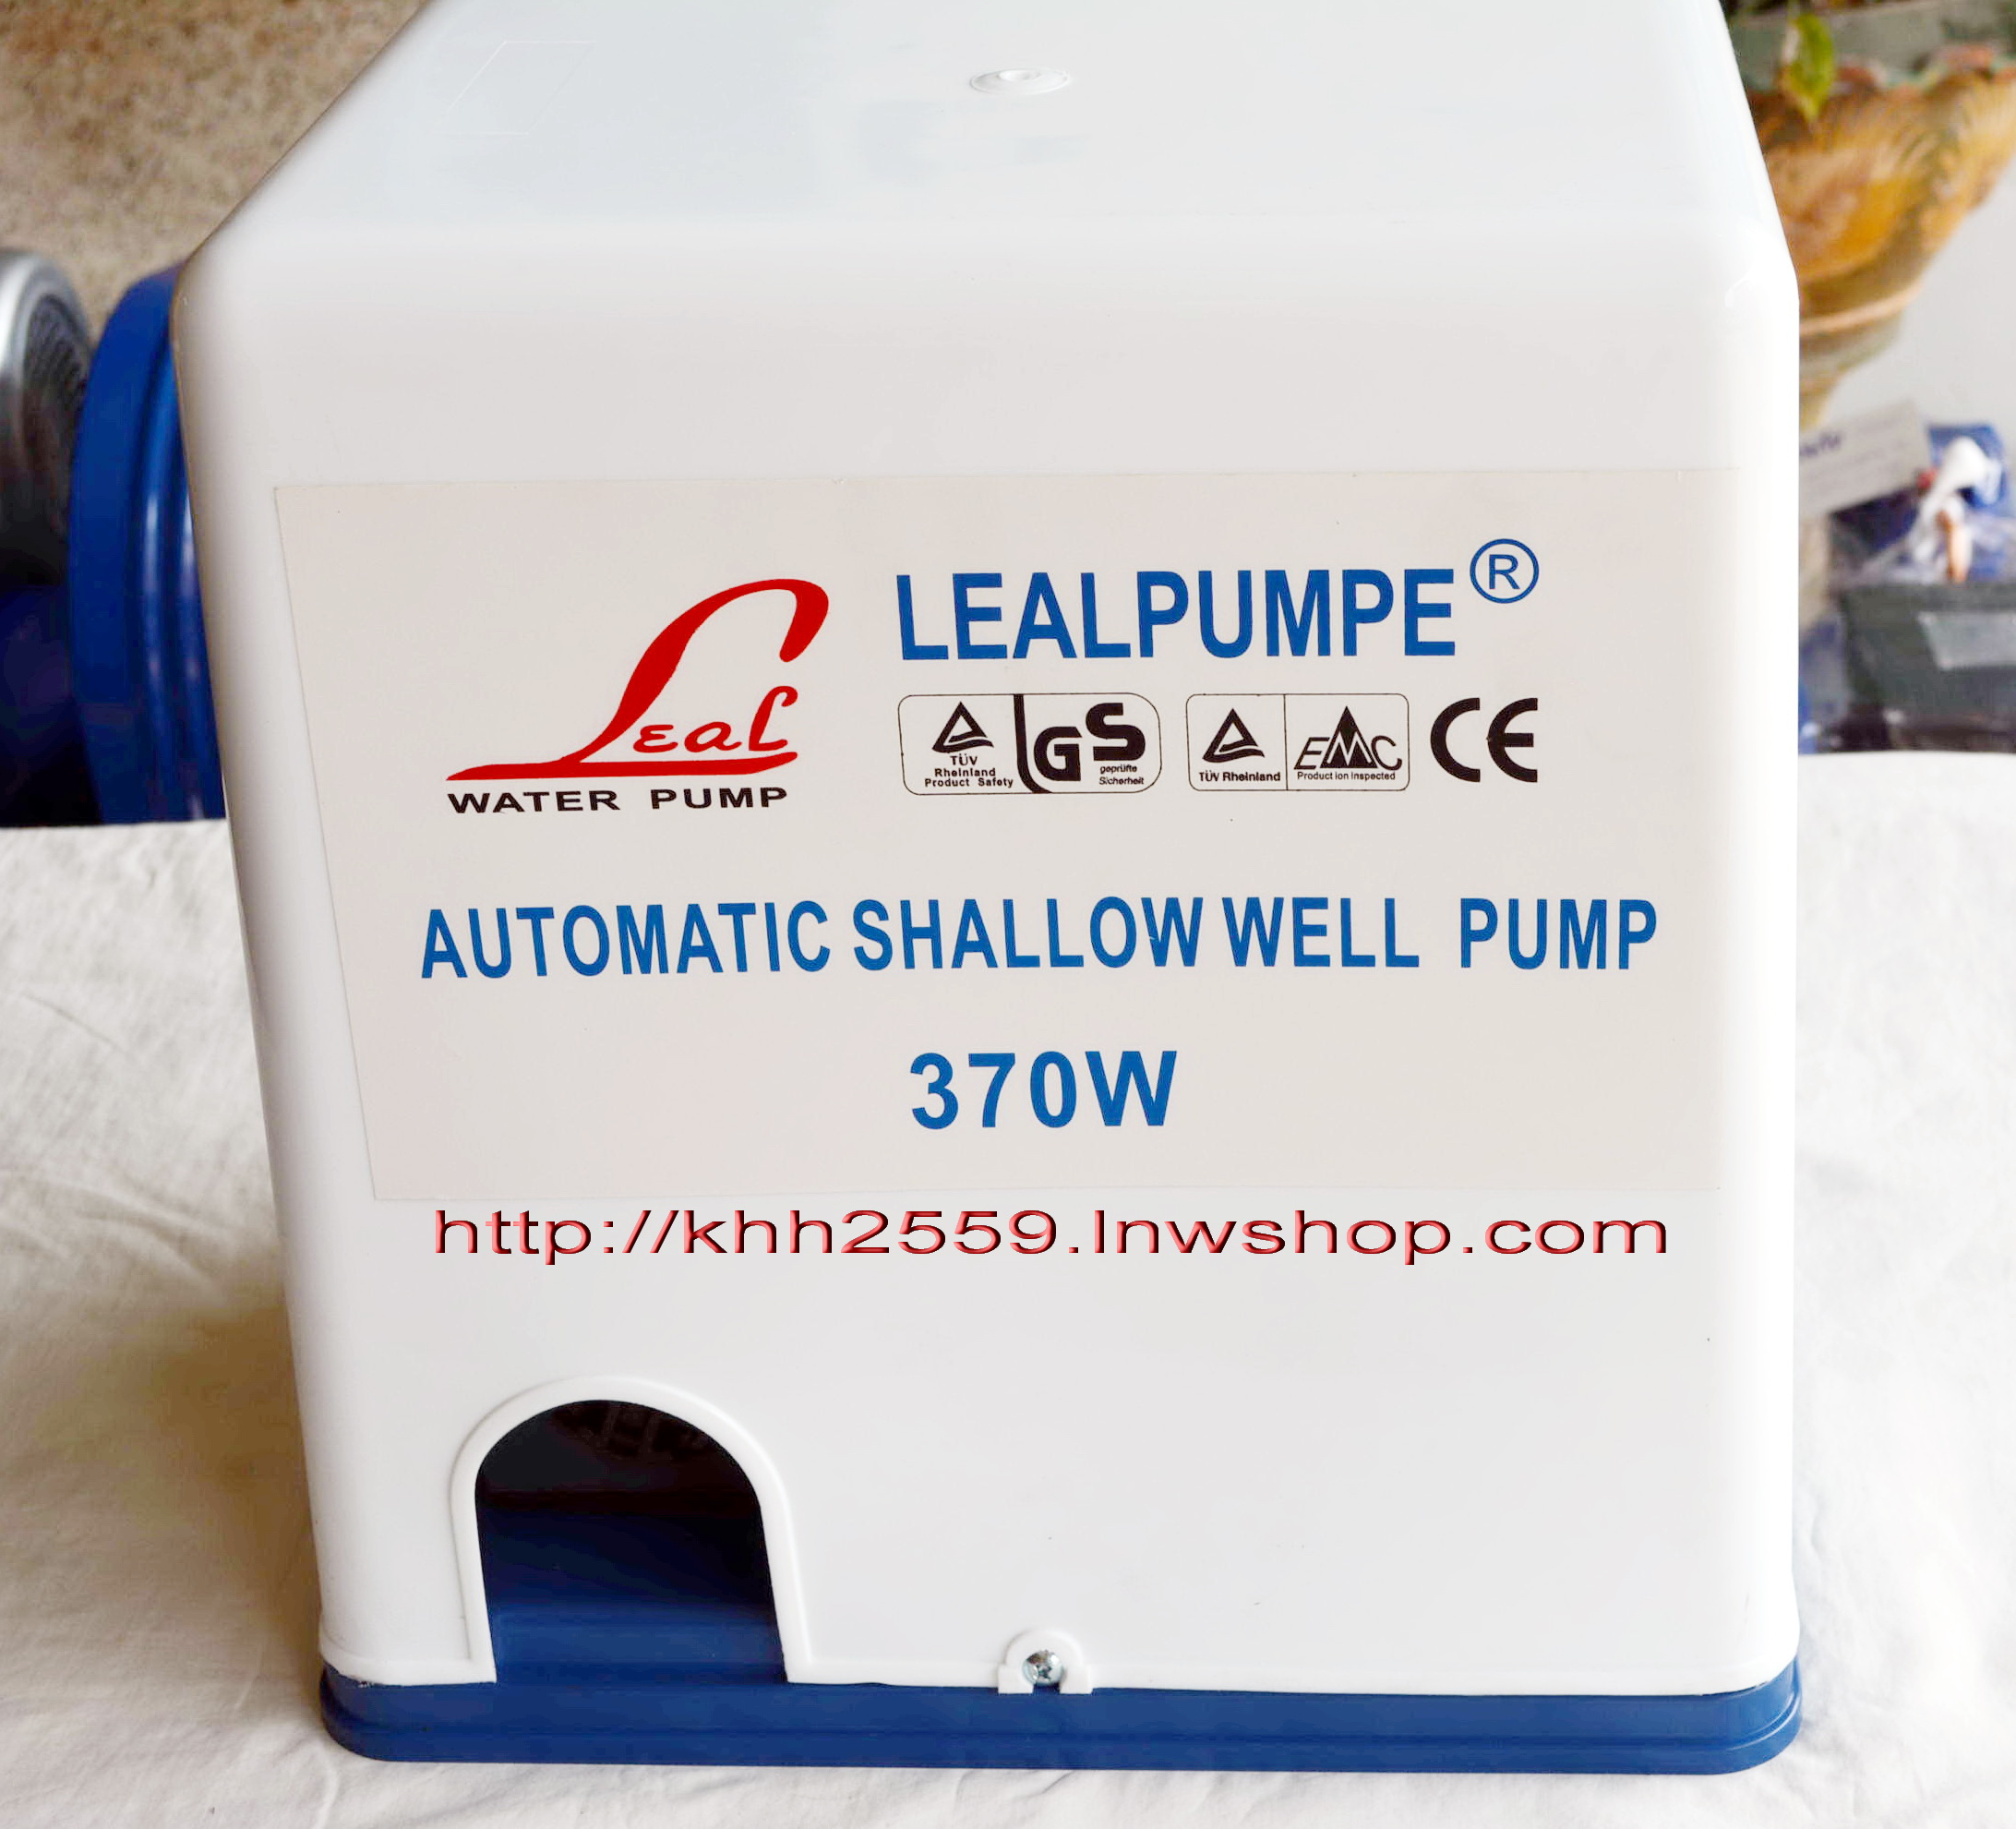 ปั๊มน้ำออโต้ อัตโนมัติ 370 วัตต์ LEAL รุ่น LGA370